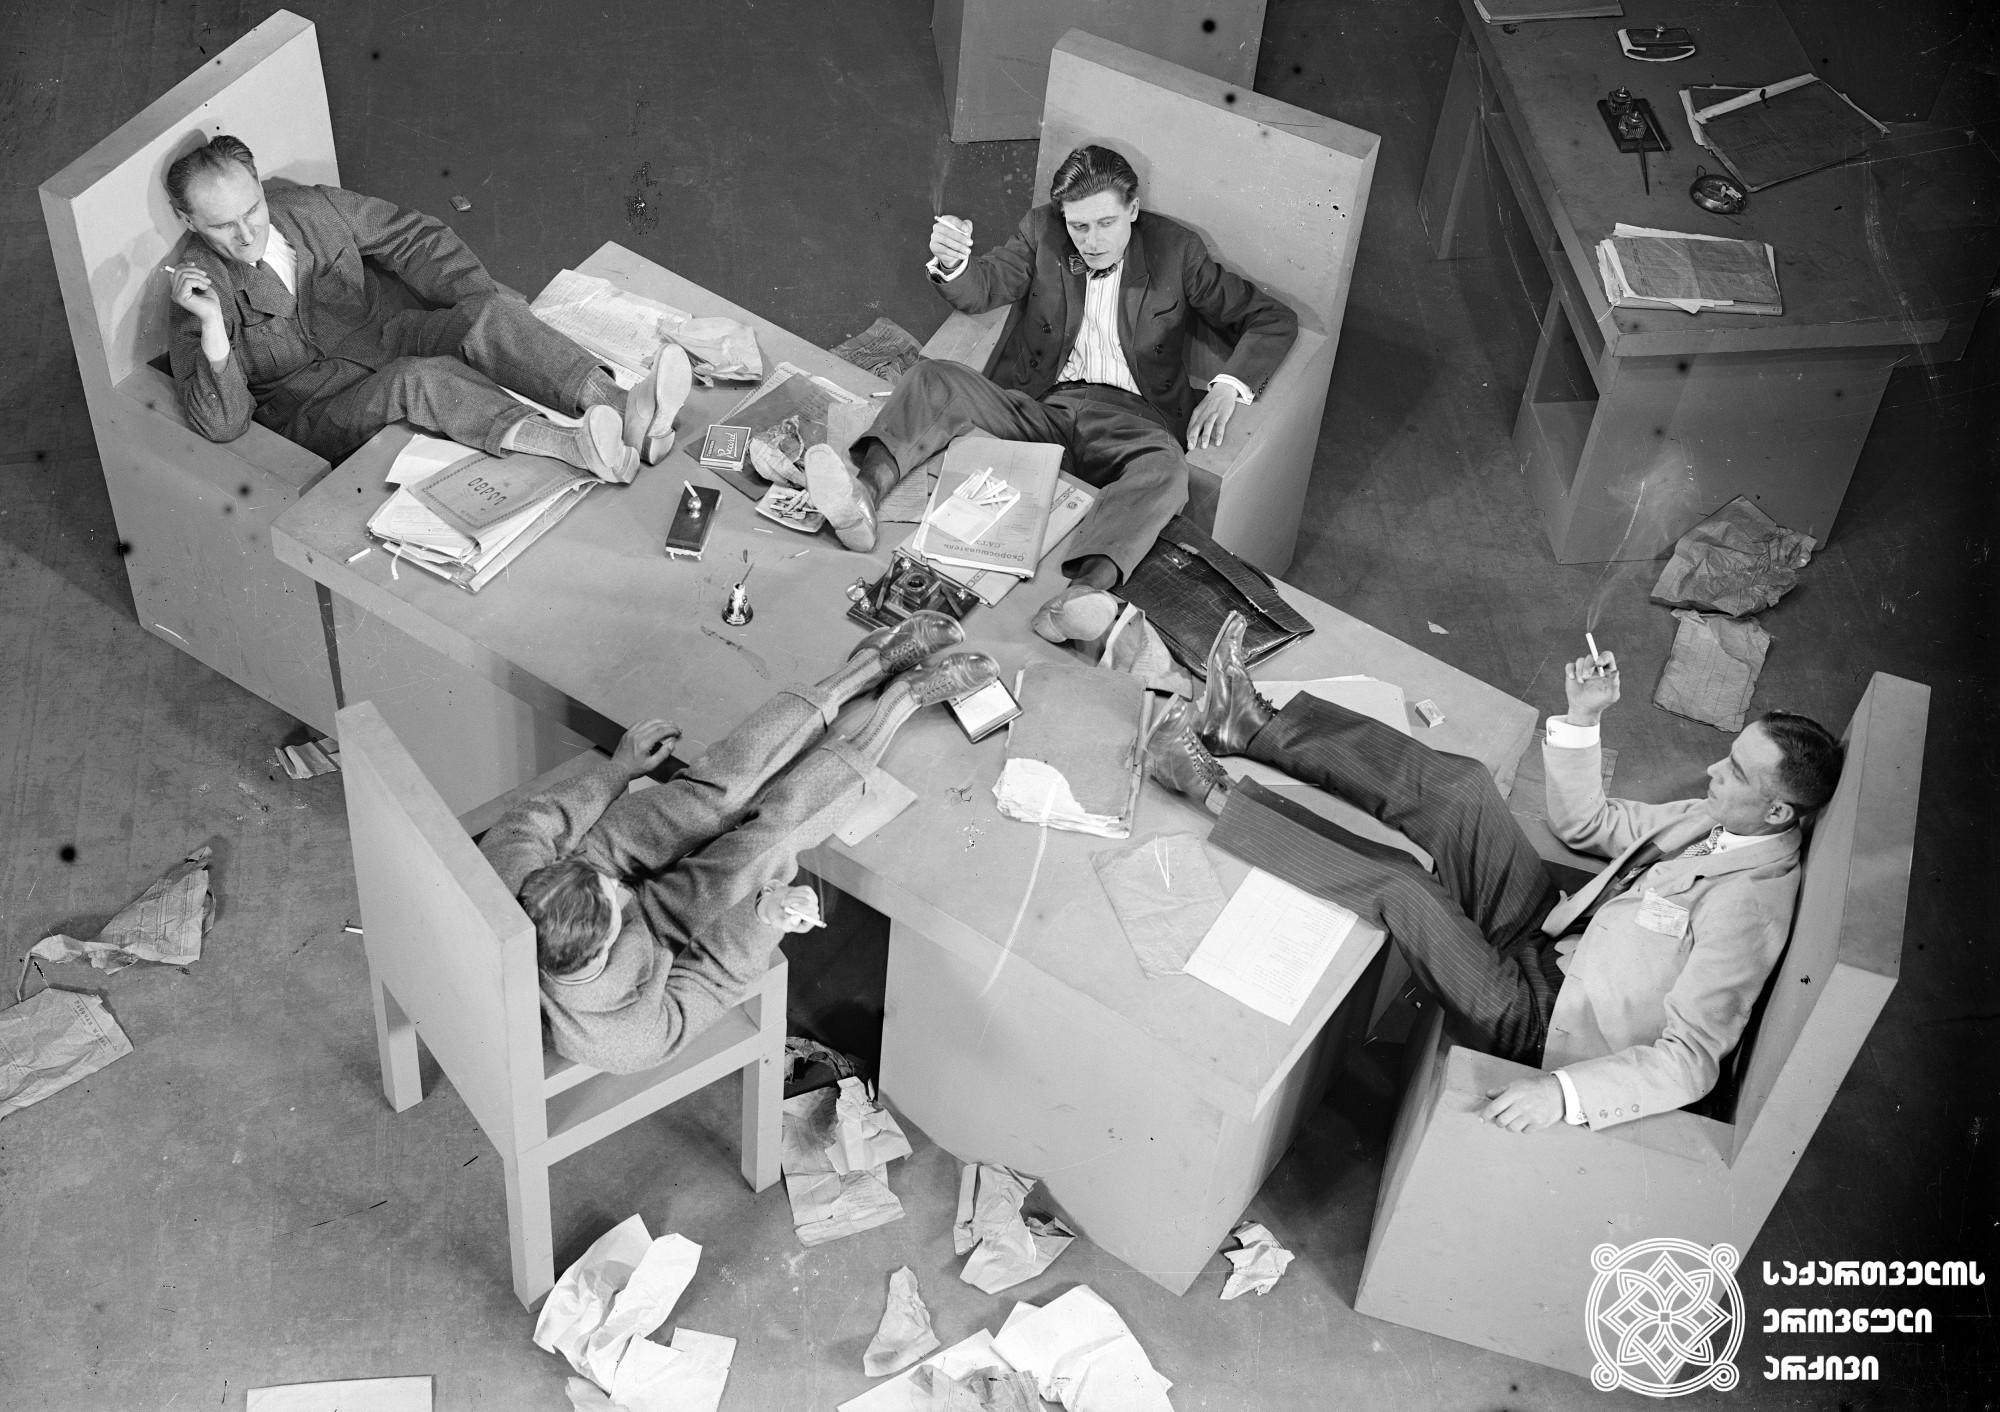 """""""ჩემი ბებია"""". 1929. <br> რეჟისორი: კოტე მიქაბერიძე. <br> სცენარის ავტორები: გიორგი მდივანი, კოტე მიქაბერიძე. ოპერატორები: ანტონ პოლიკევიჩი, ვლადიმერ პოსნანი. მხატვრები: ირაკლი გამრეკელი, ვალერიან  სიდამონ-ერისთავი. <br>  Chemi Bebia (My Grandmother). 1929. <br>  Director: Kote Mikaberidze. <br> Screenwriters: Giorgi Mdivani, Kote Mikaberidze. Camera operator: Anton Polikevich, Vladimir Posnan. Production designers: Irakli Gamrekeli, Valerian Sidamon-eristavi."""